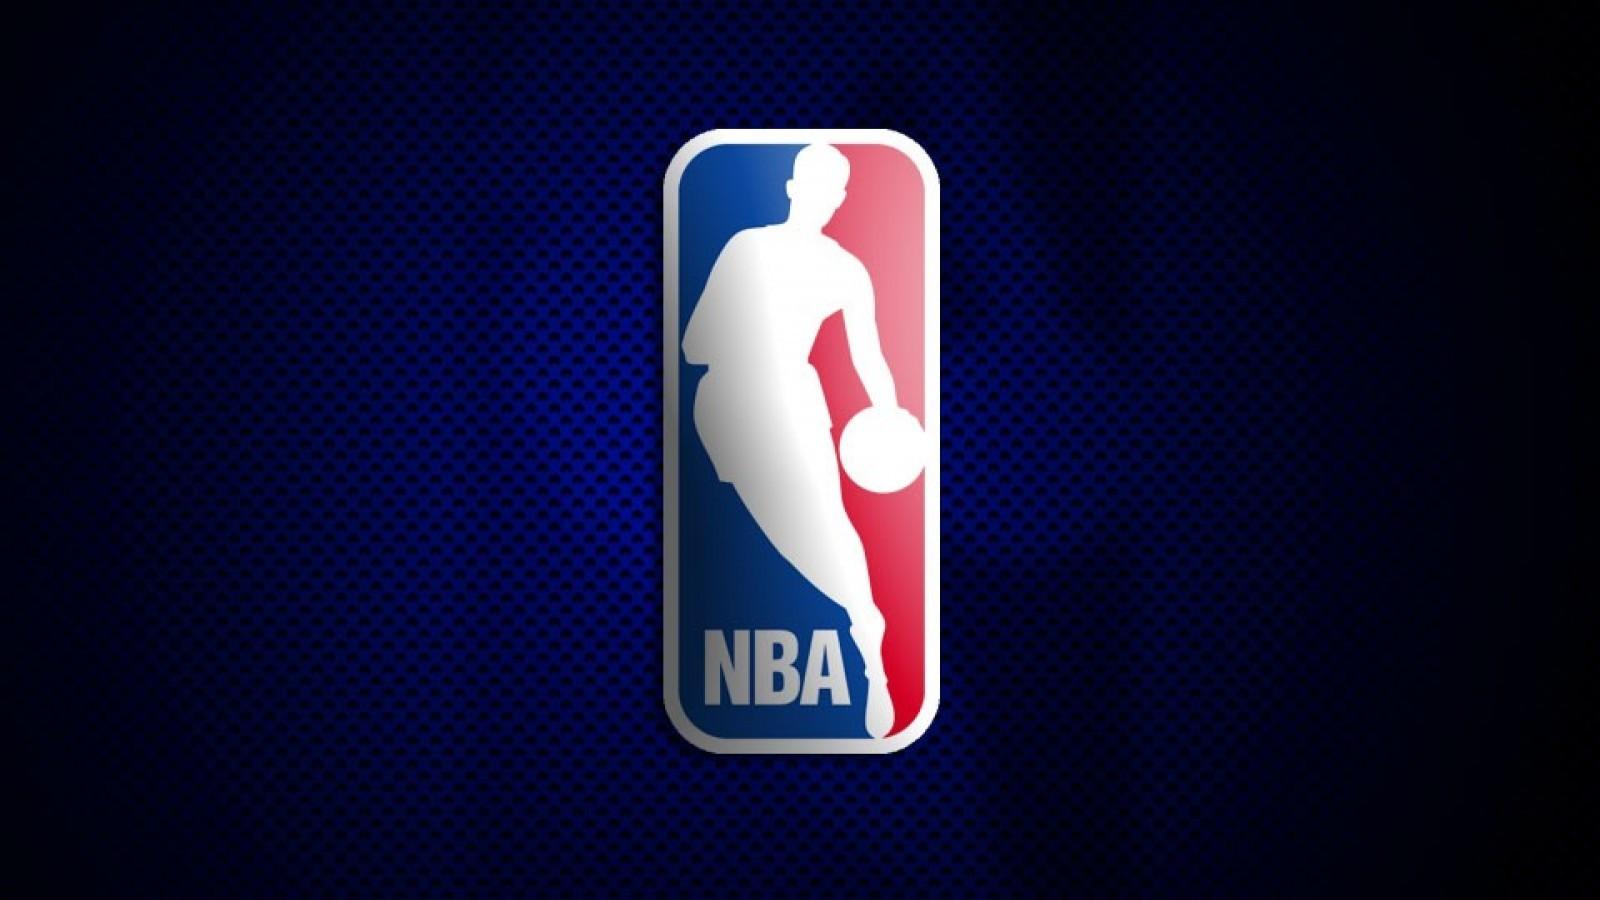 Найкращі моменти матчів НБА 10 січня: відео